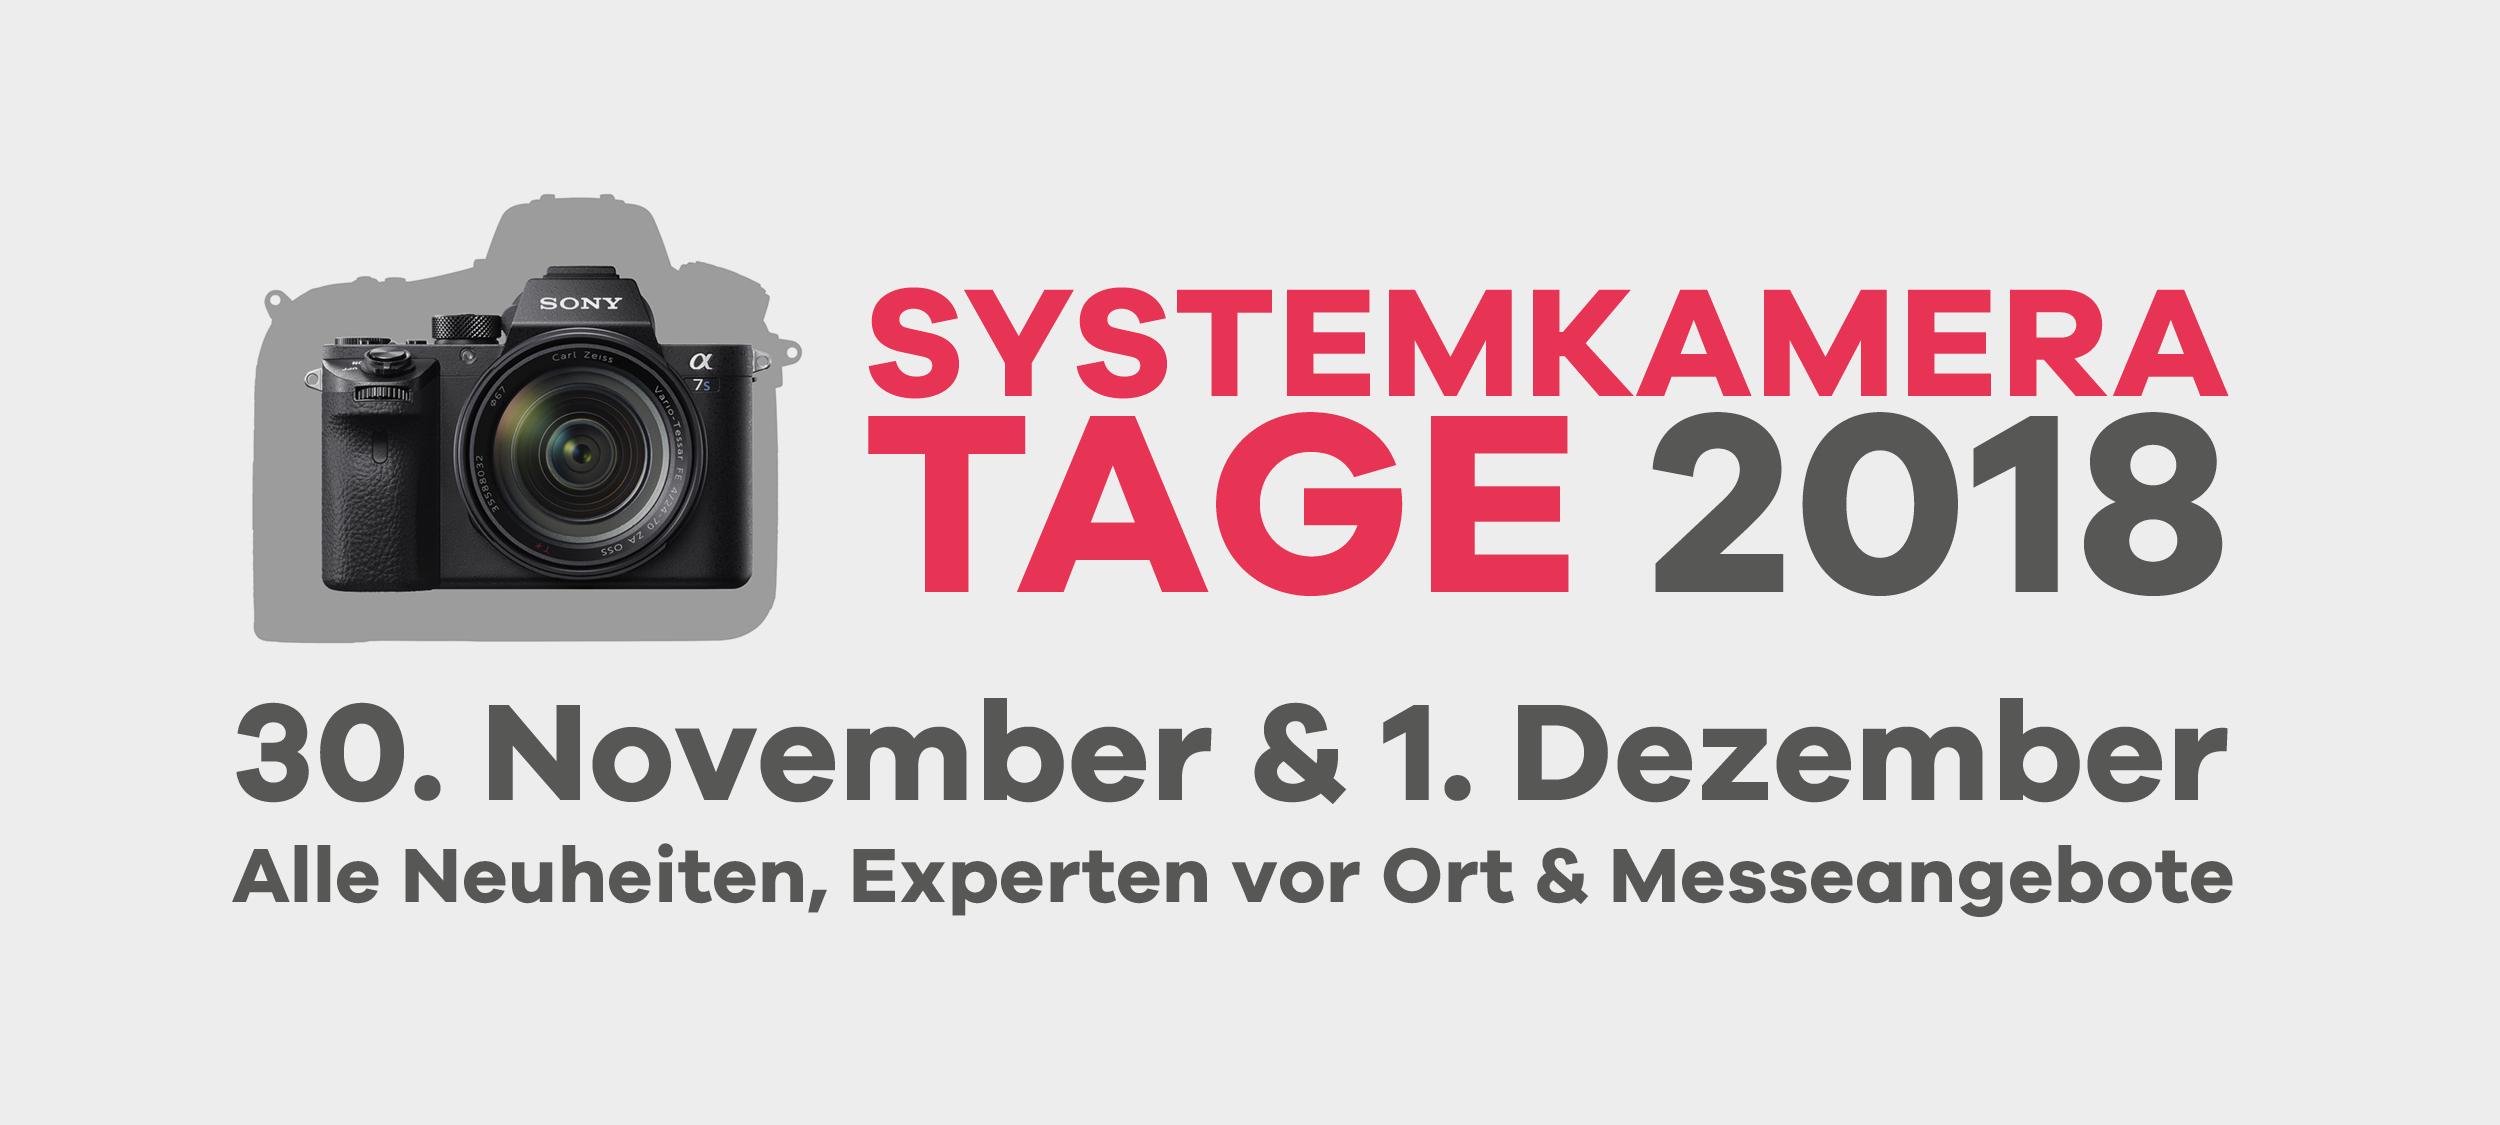 Systemkameratage 2018